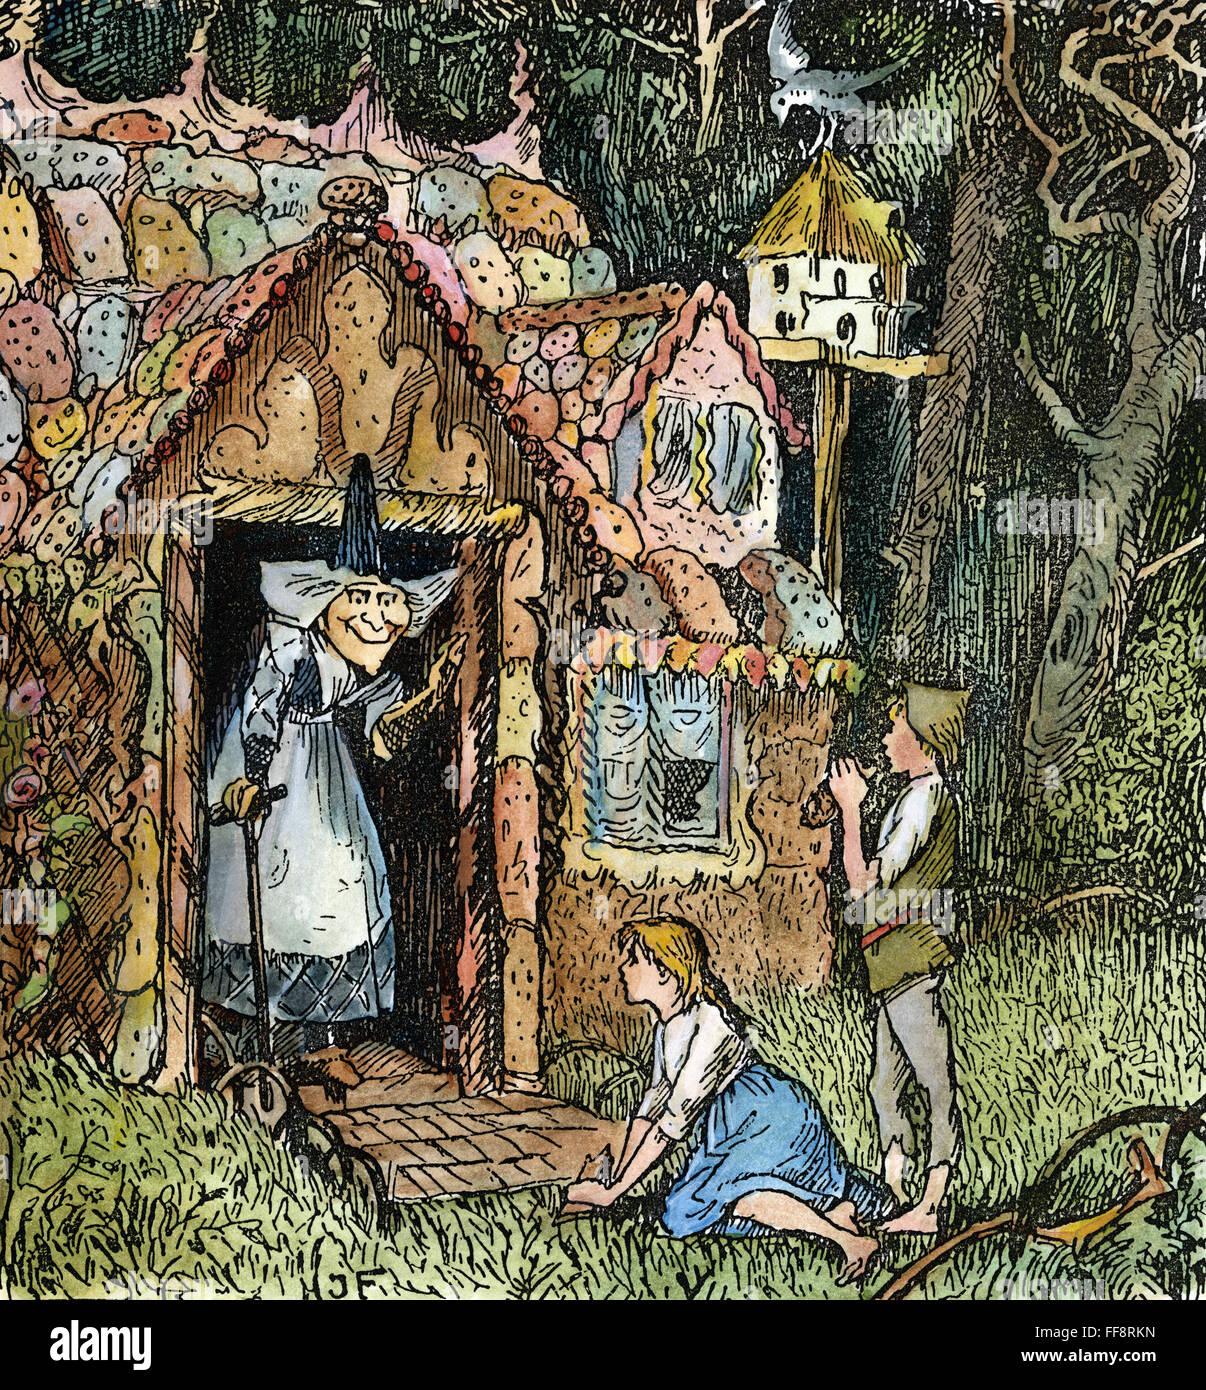 Nhansel et gretel arrivent à la maison de la sorcière dessin c1891 par le juge henry ford pour le conte de fées des frères grimm